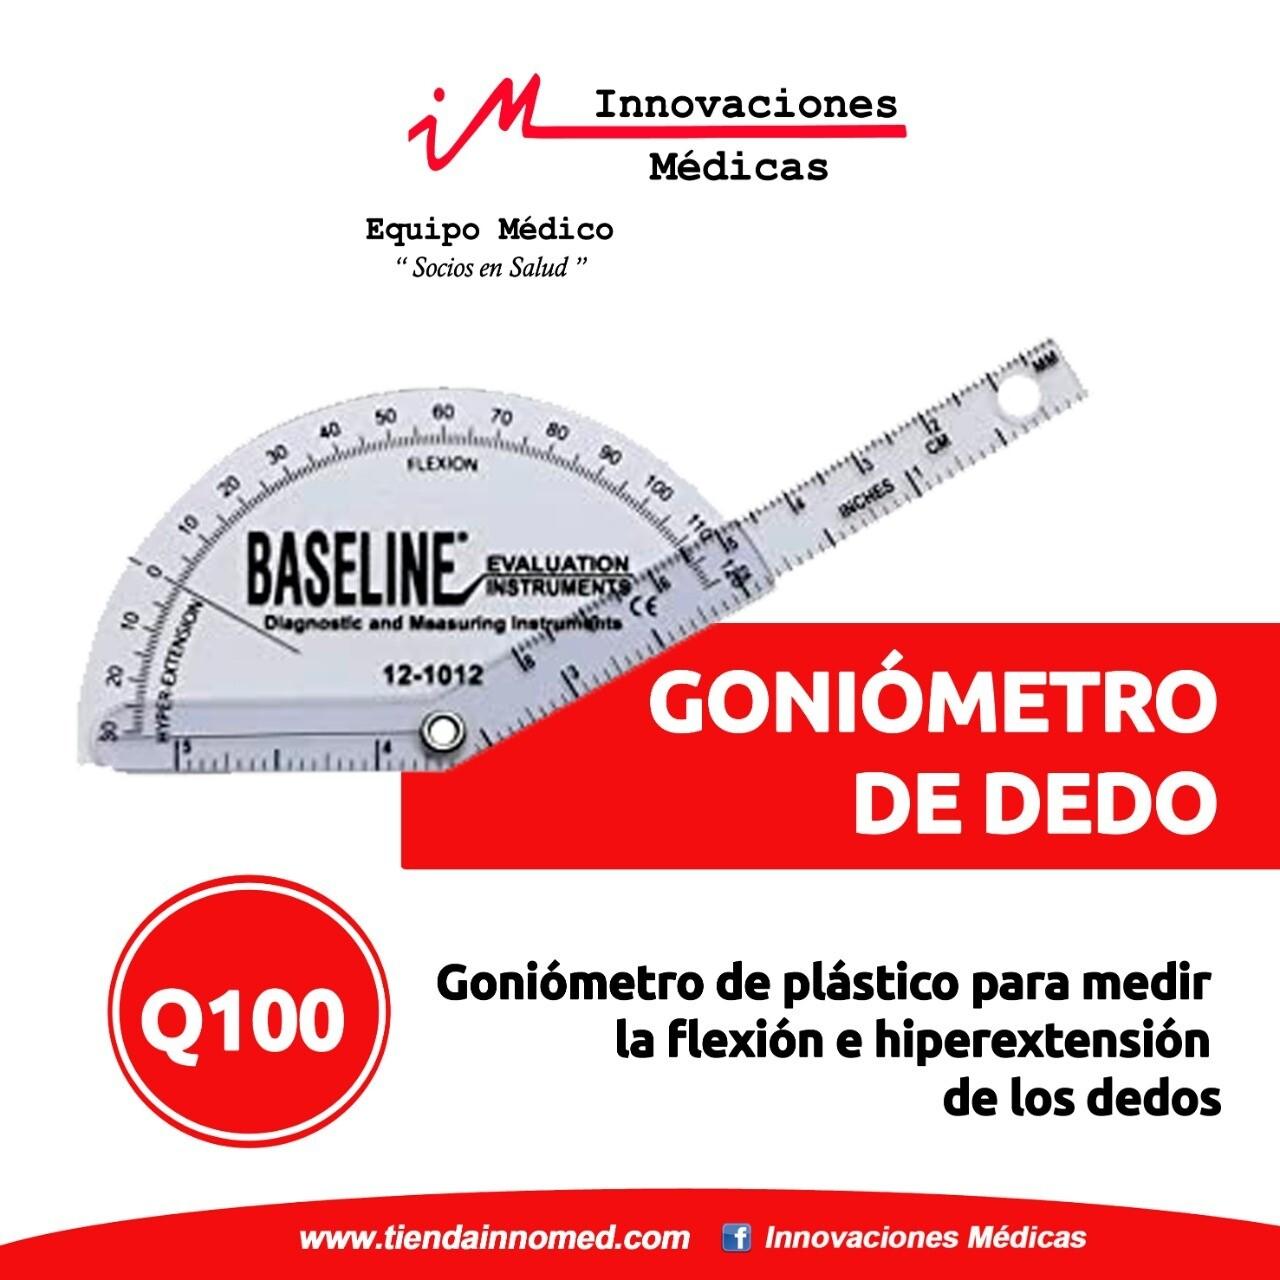 Goniometro de dedo